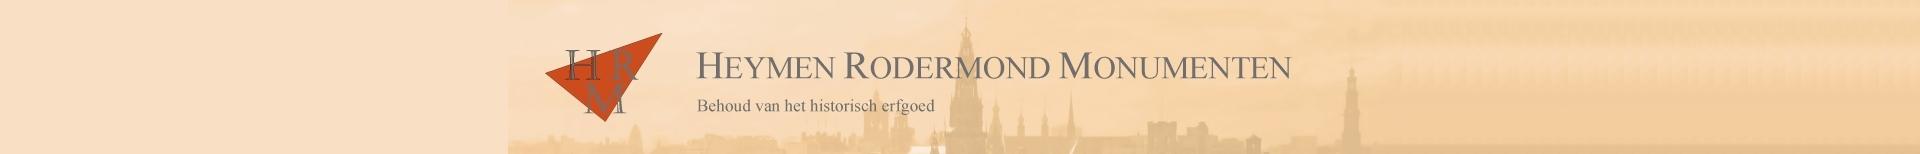 Heymen Rodermond Monumenten